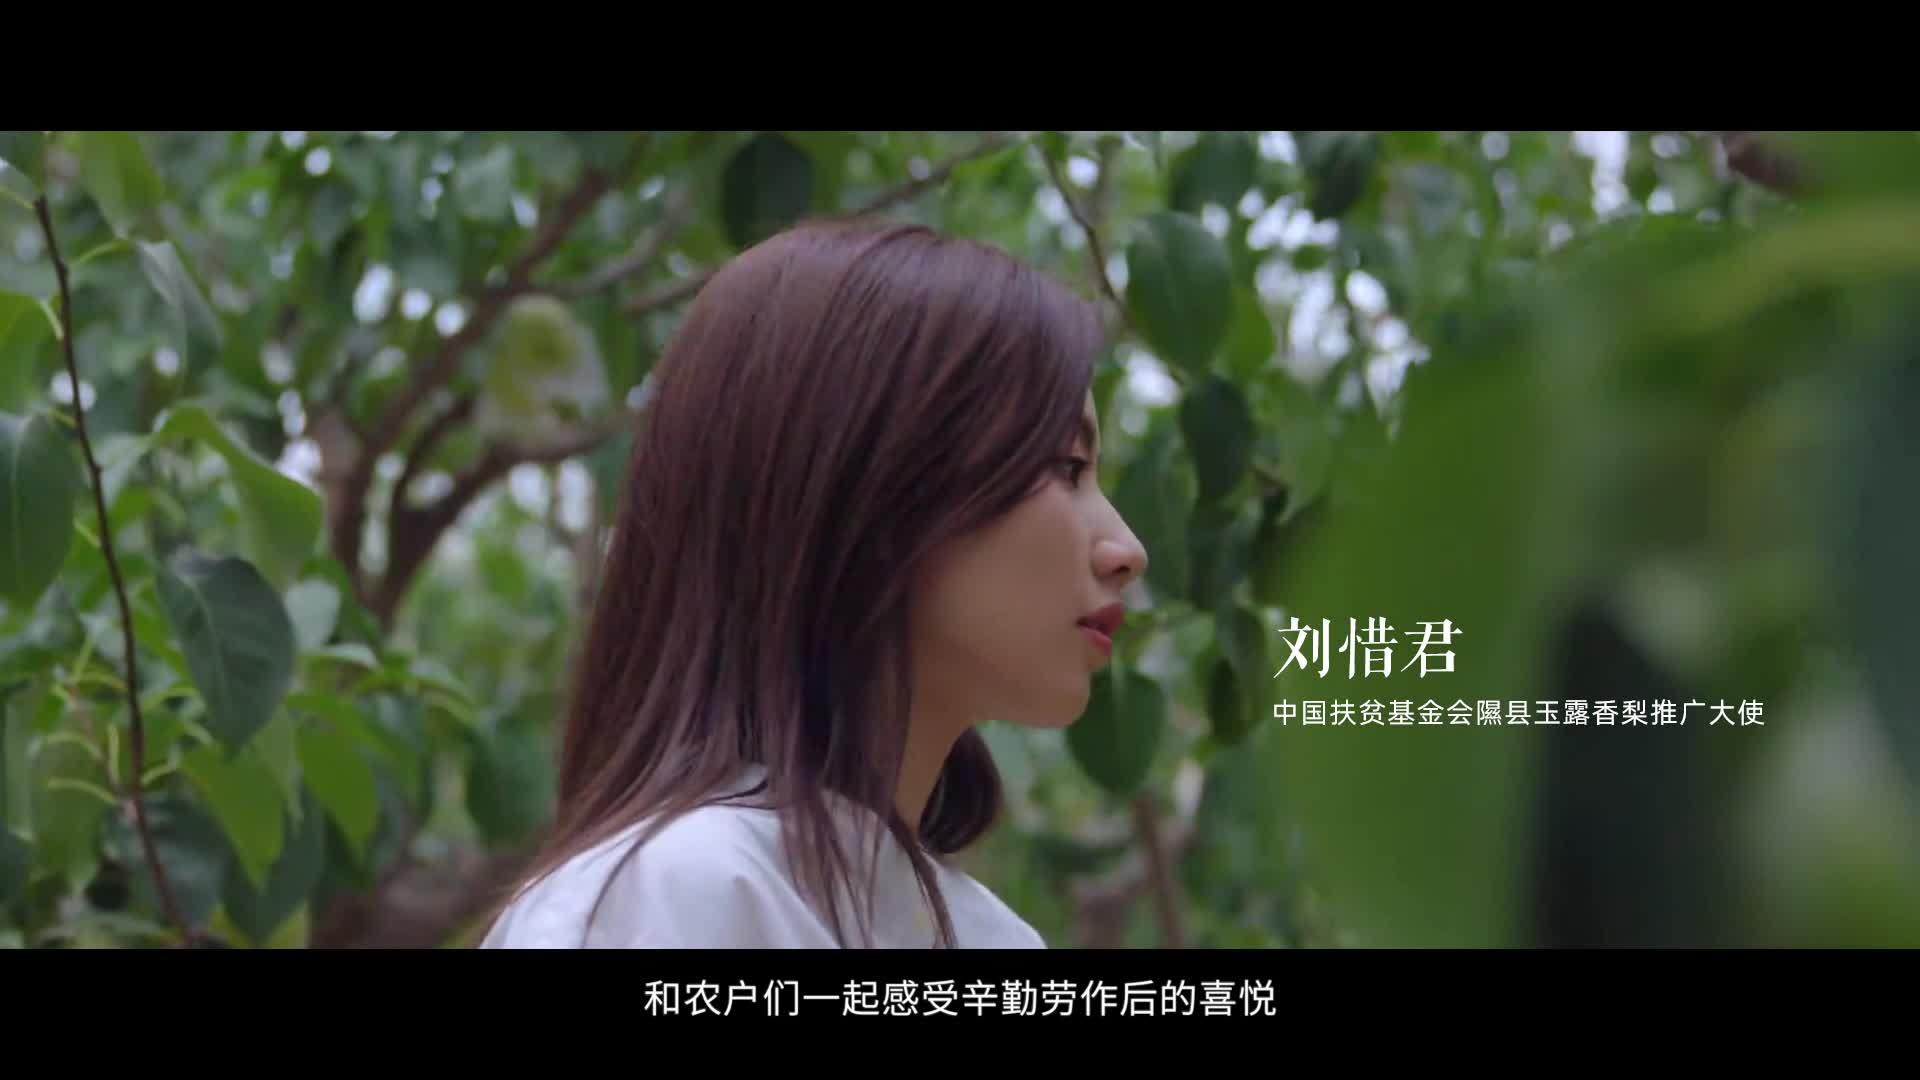 刘惜君:扶贫路上她力量,玉露香梨